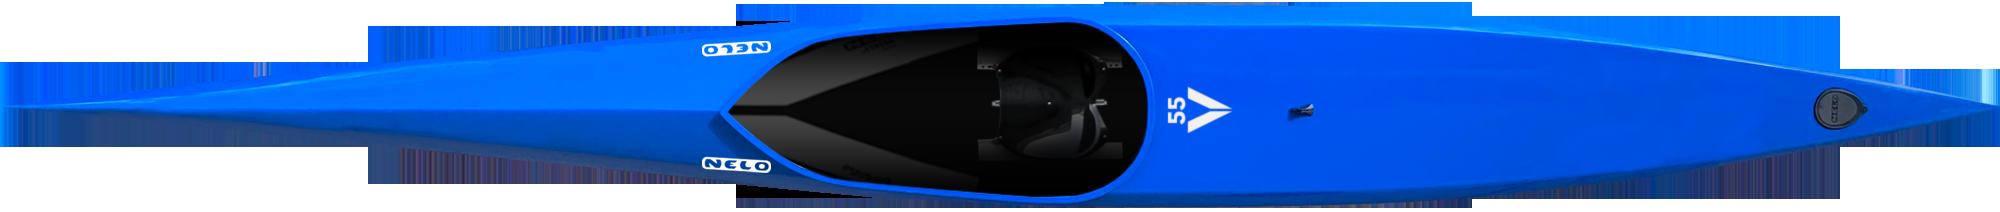 Viper 55 kayak